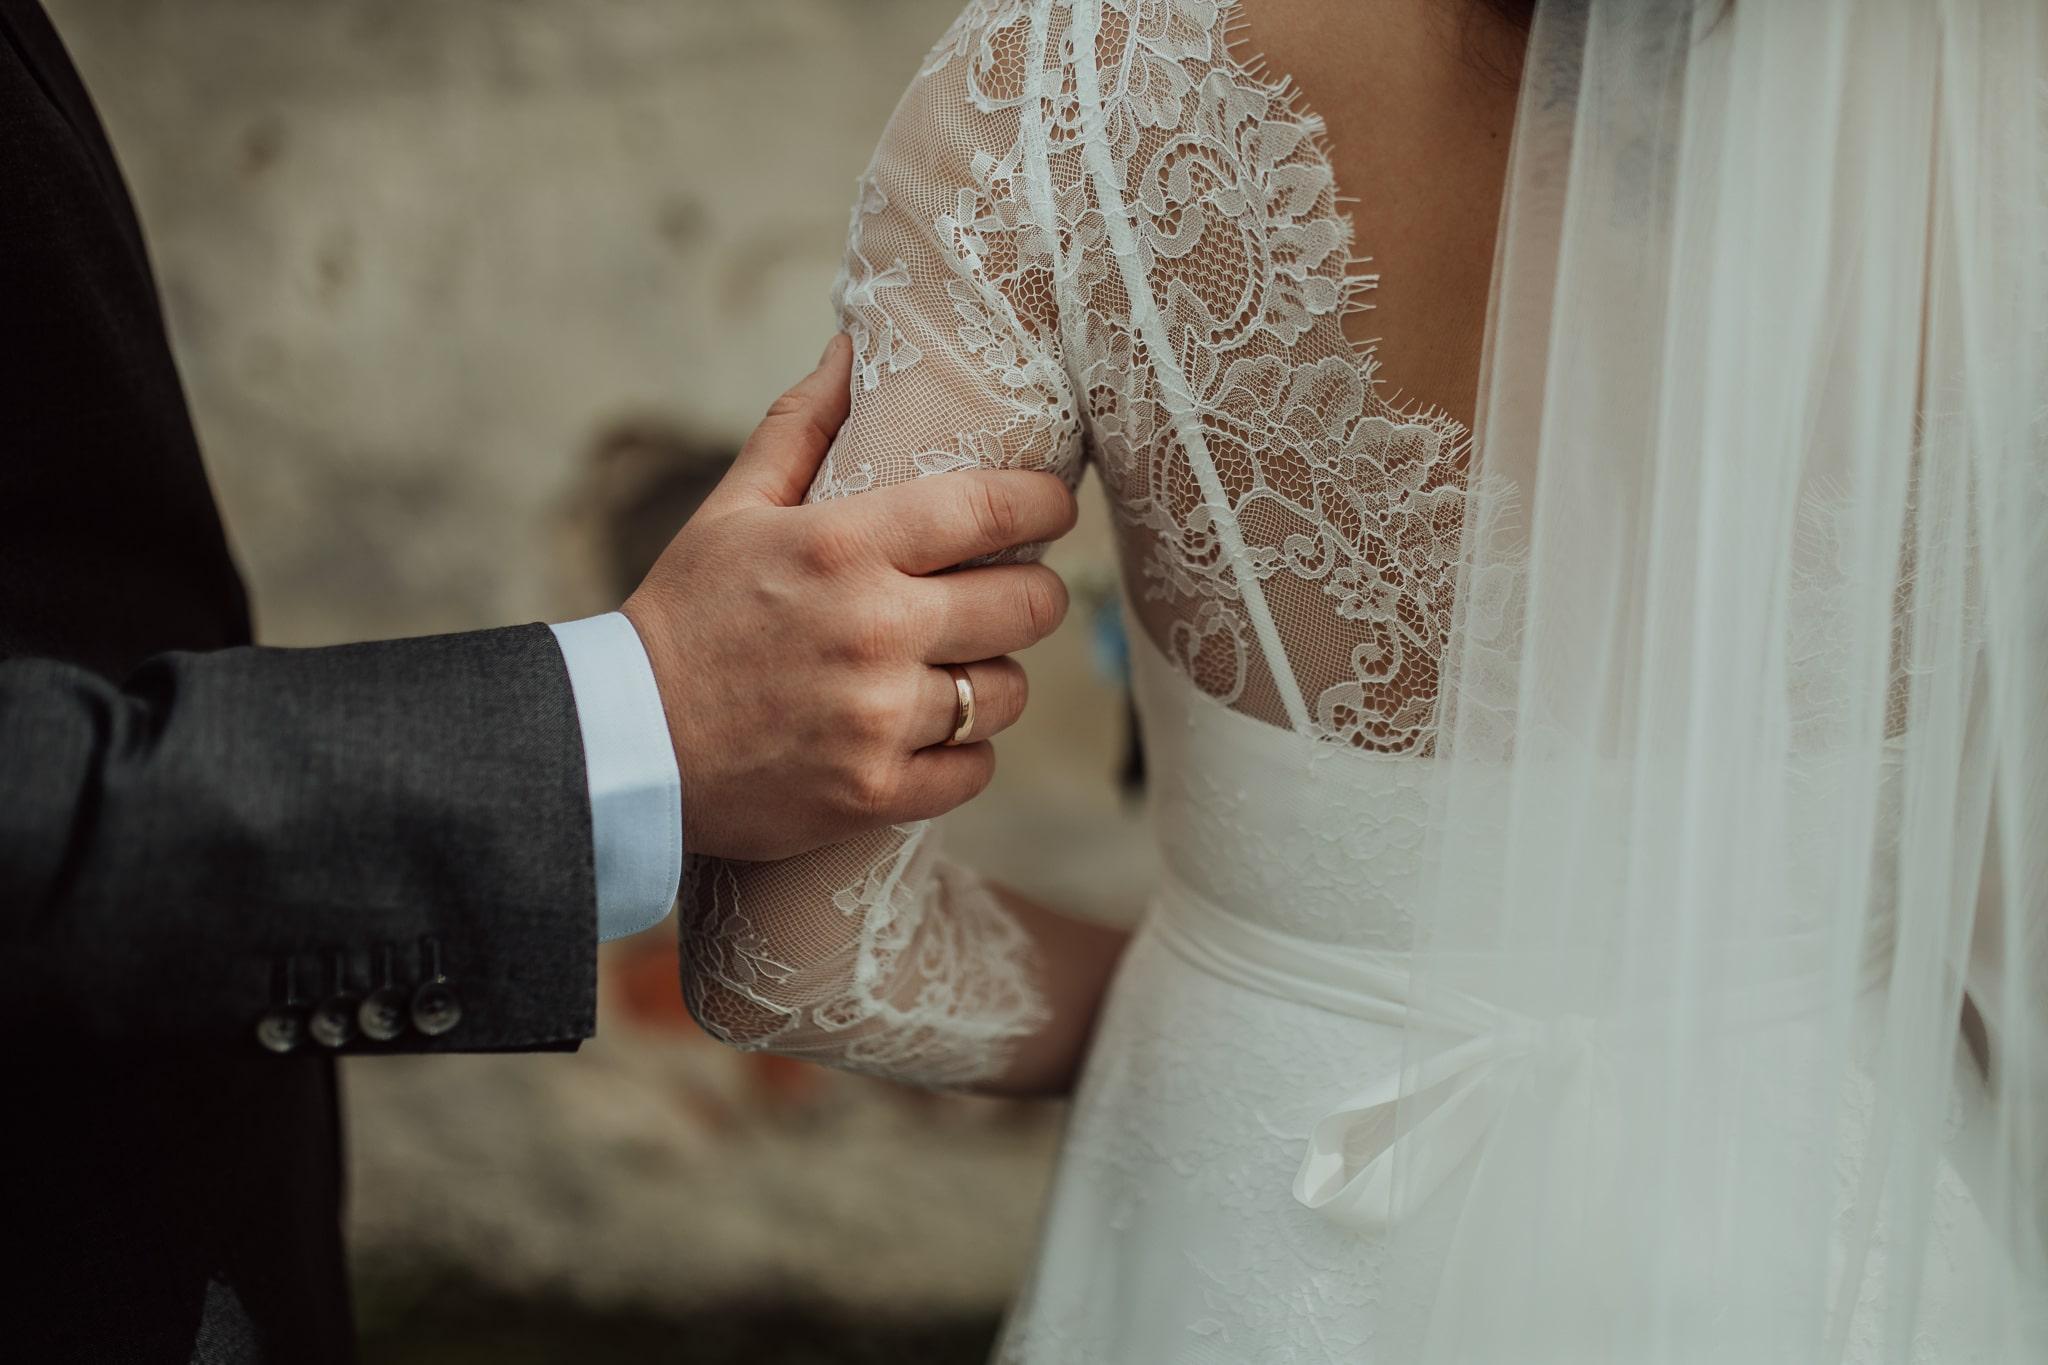 TV host Baiba Runce married in Amelii-made dress